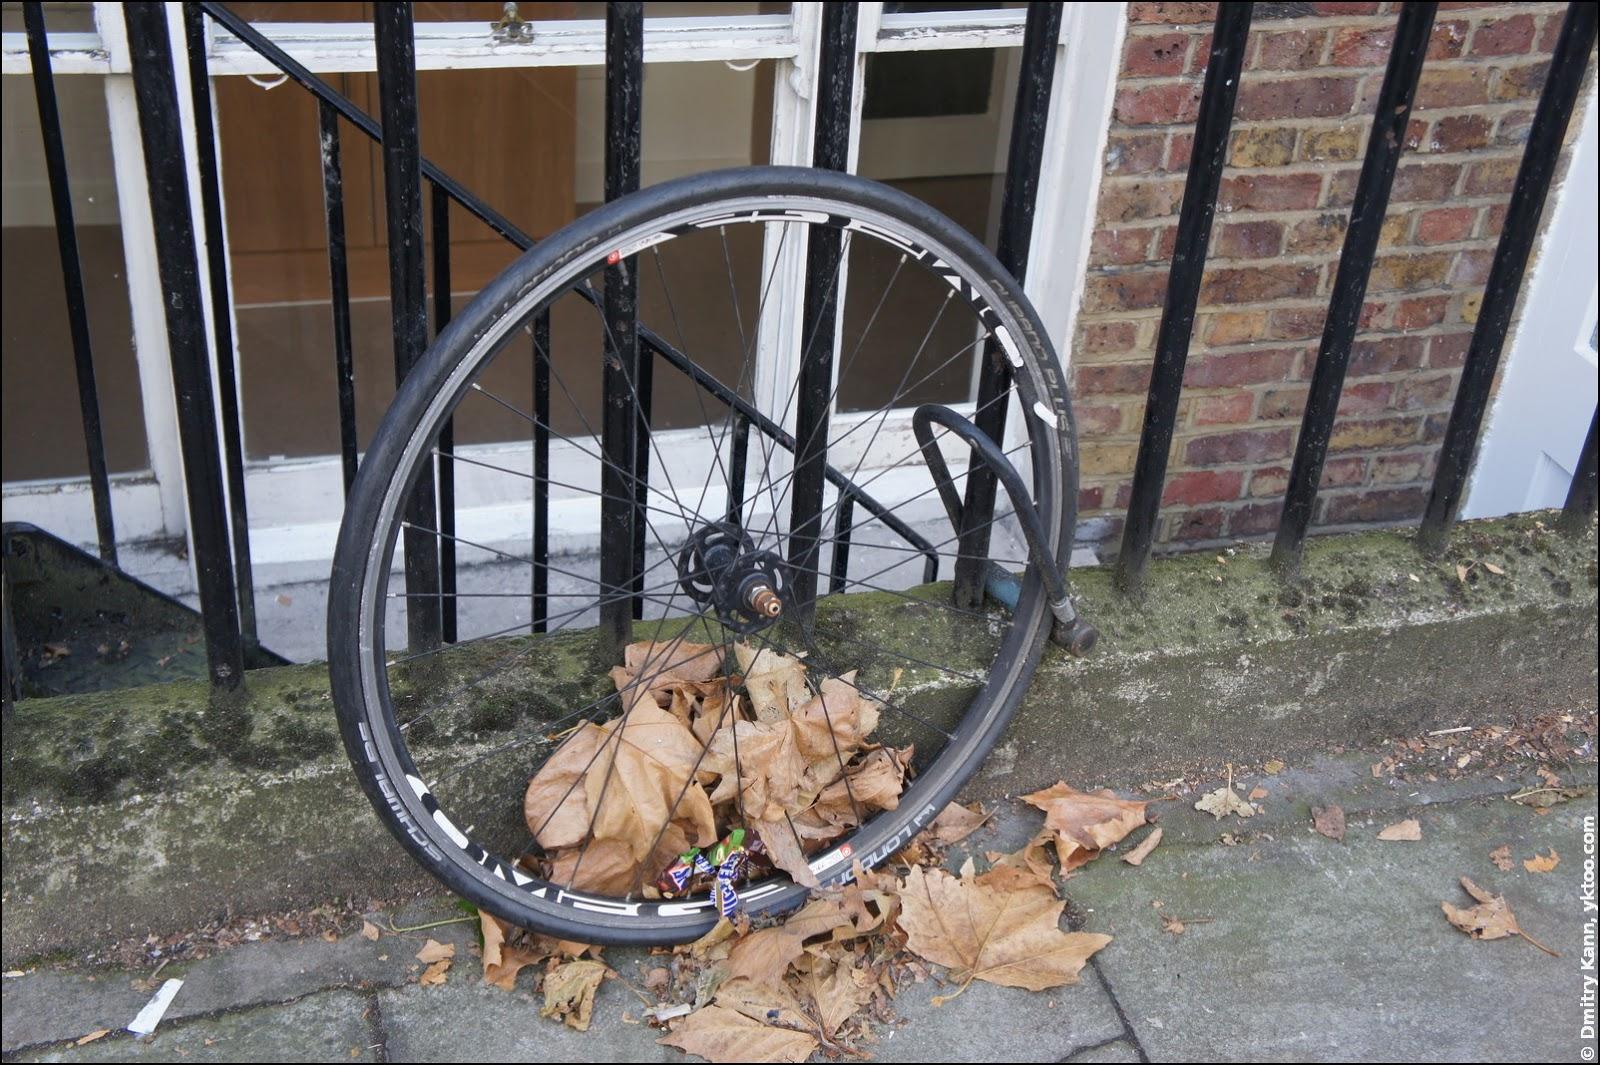 Почему за переднее колесо велосипед не следует прицеплять.